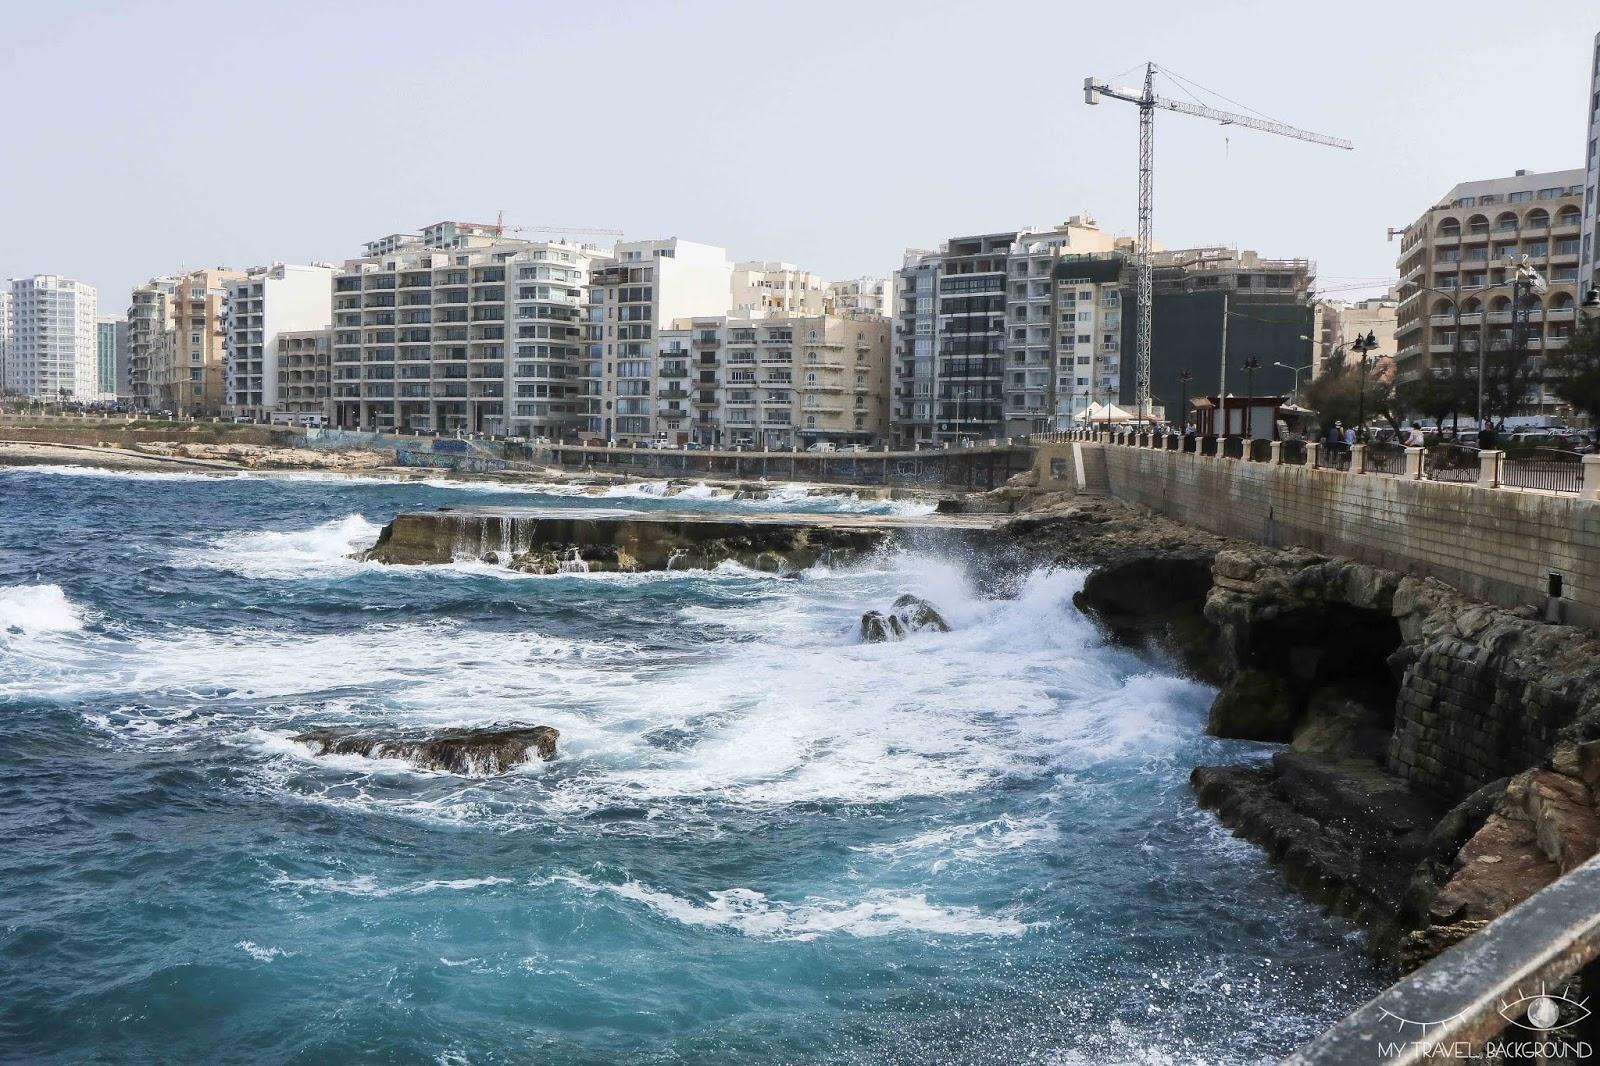 My Travel Background : les incontournables de Malte, Île de Malte (partie 1) - Sliema